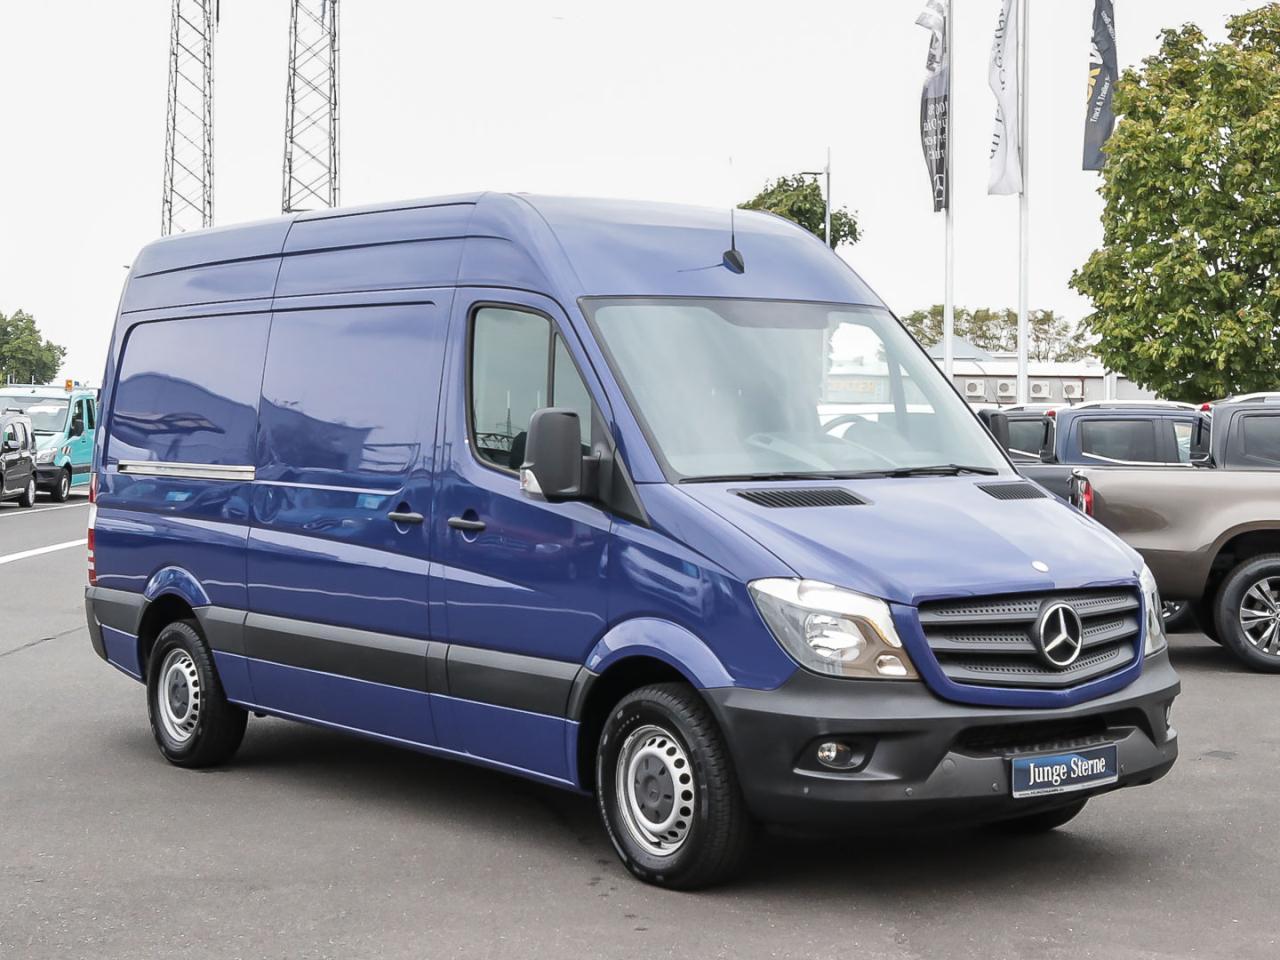 Mercedes-Benz Sprinter 313 CDI Kasten MR AHK2,8t PT Radio Hoch